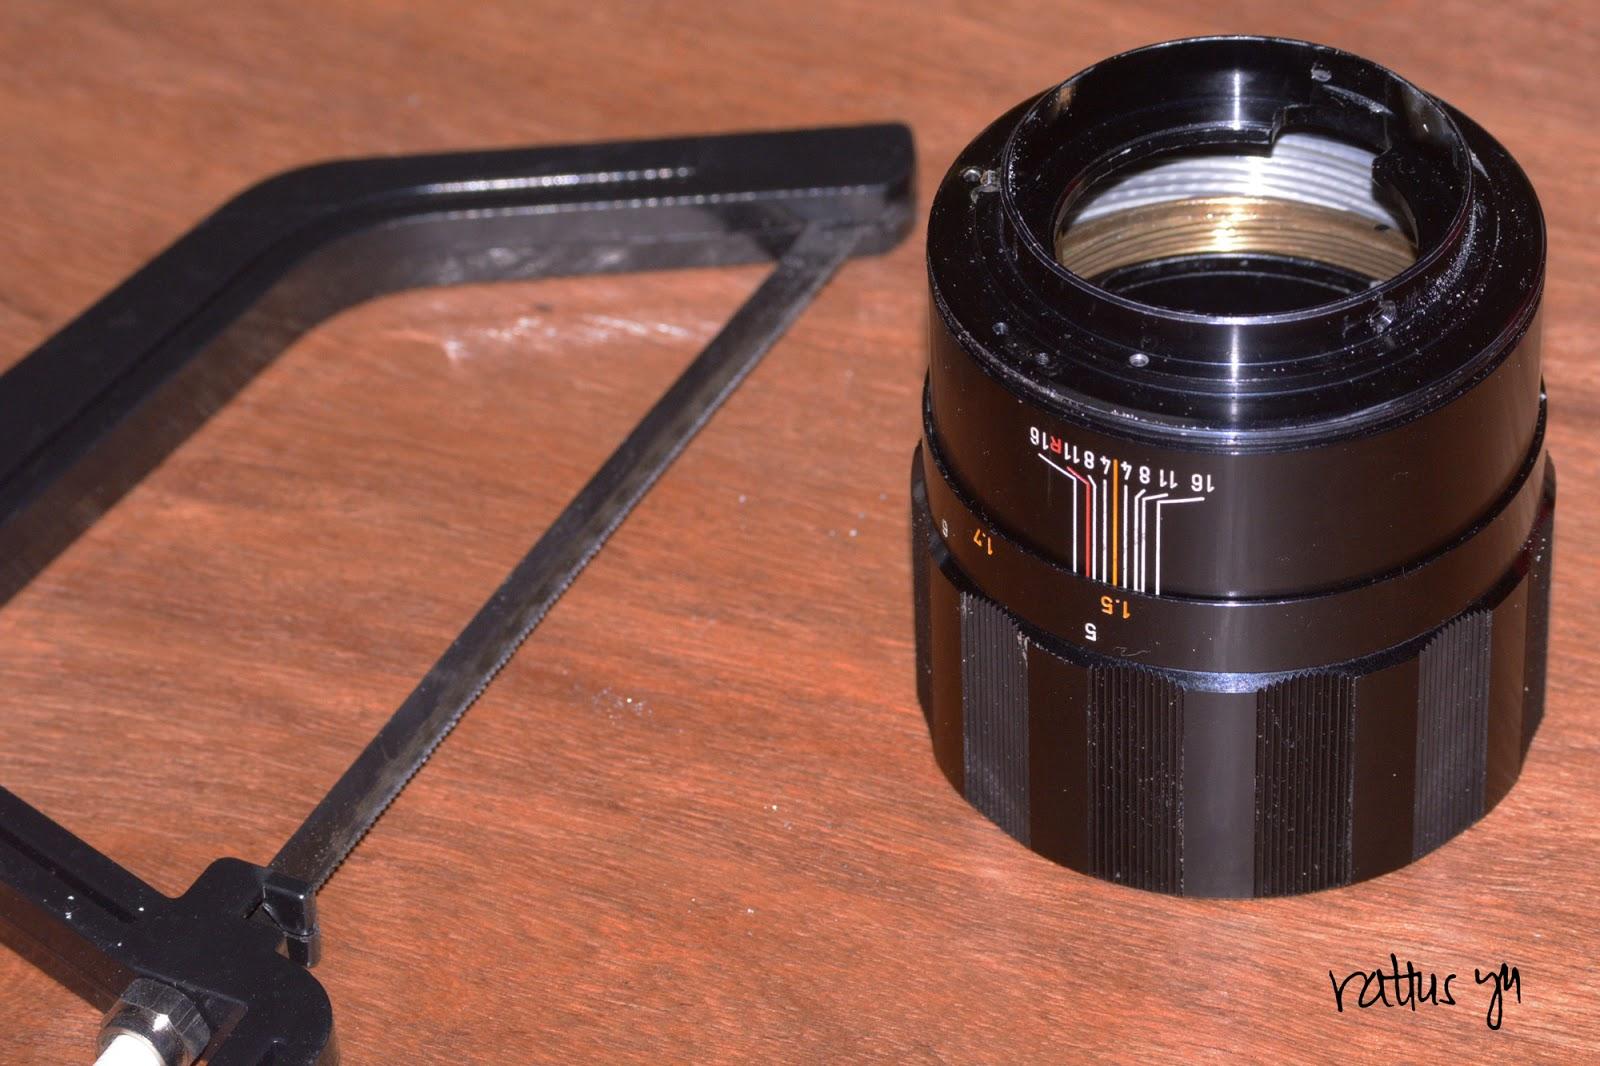 Canon FL 135mm f/2.5, Conversion to Nikon F Mount